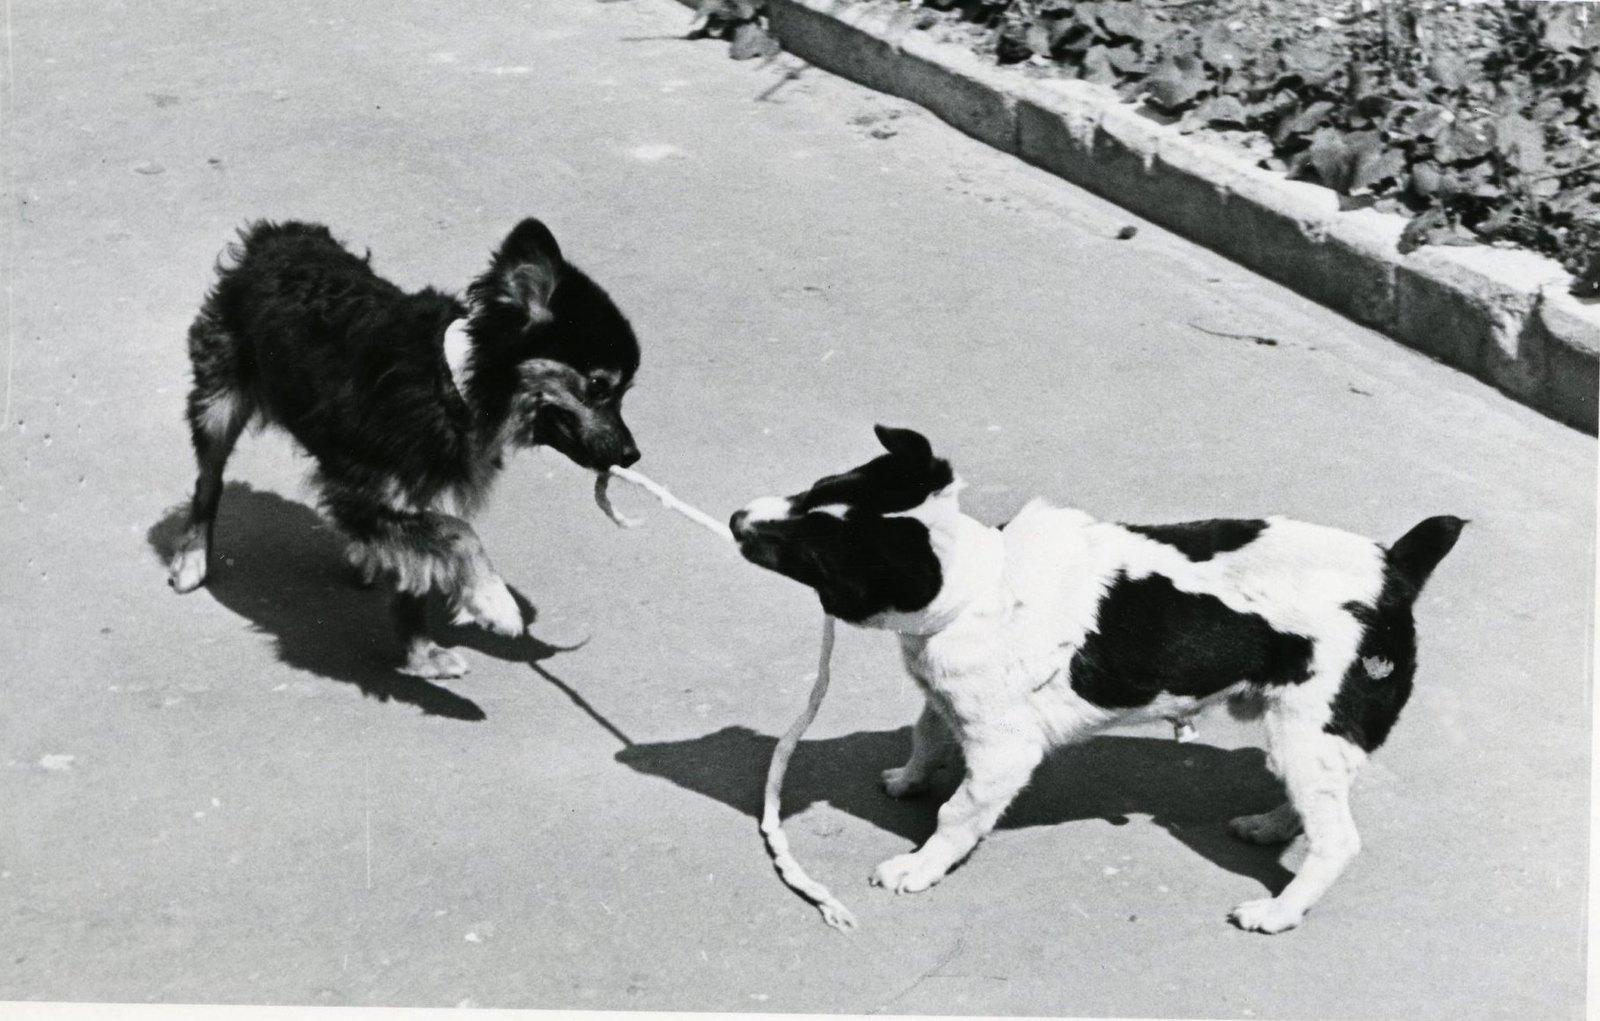 1966. Собаки Уголек и Ветерок на прогулке. 21.05.